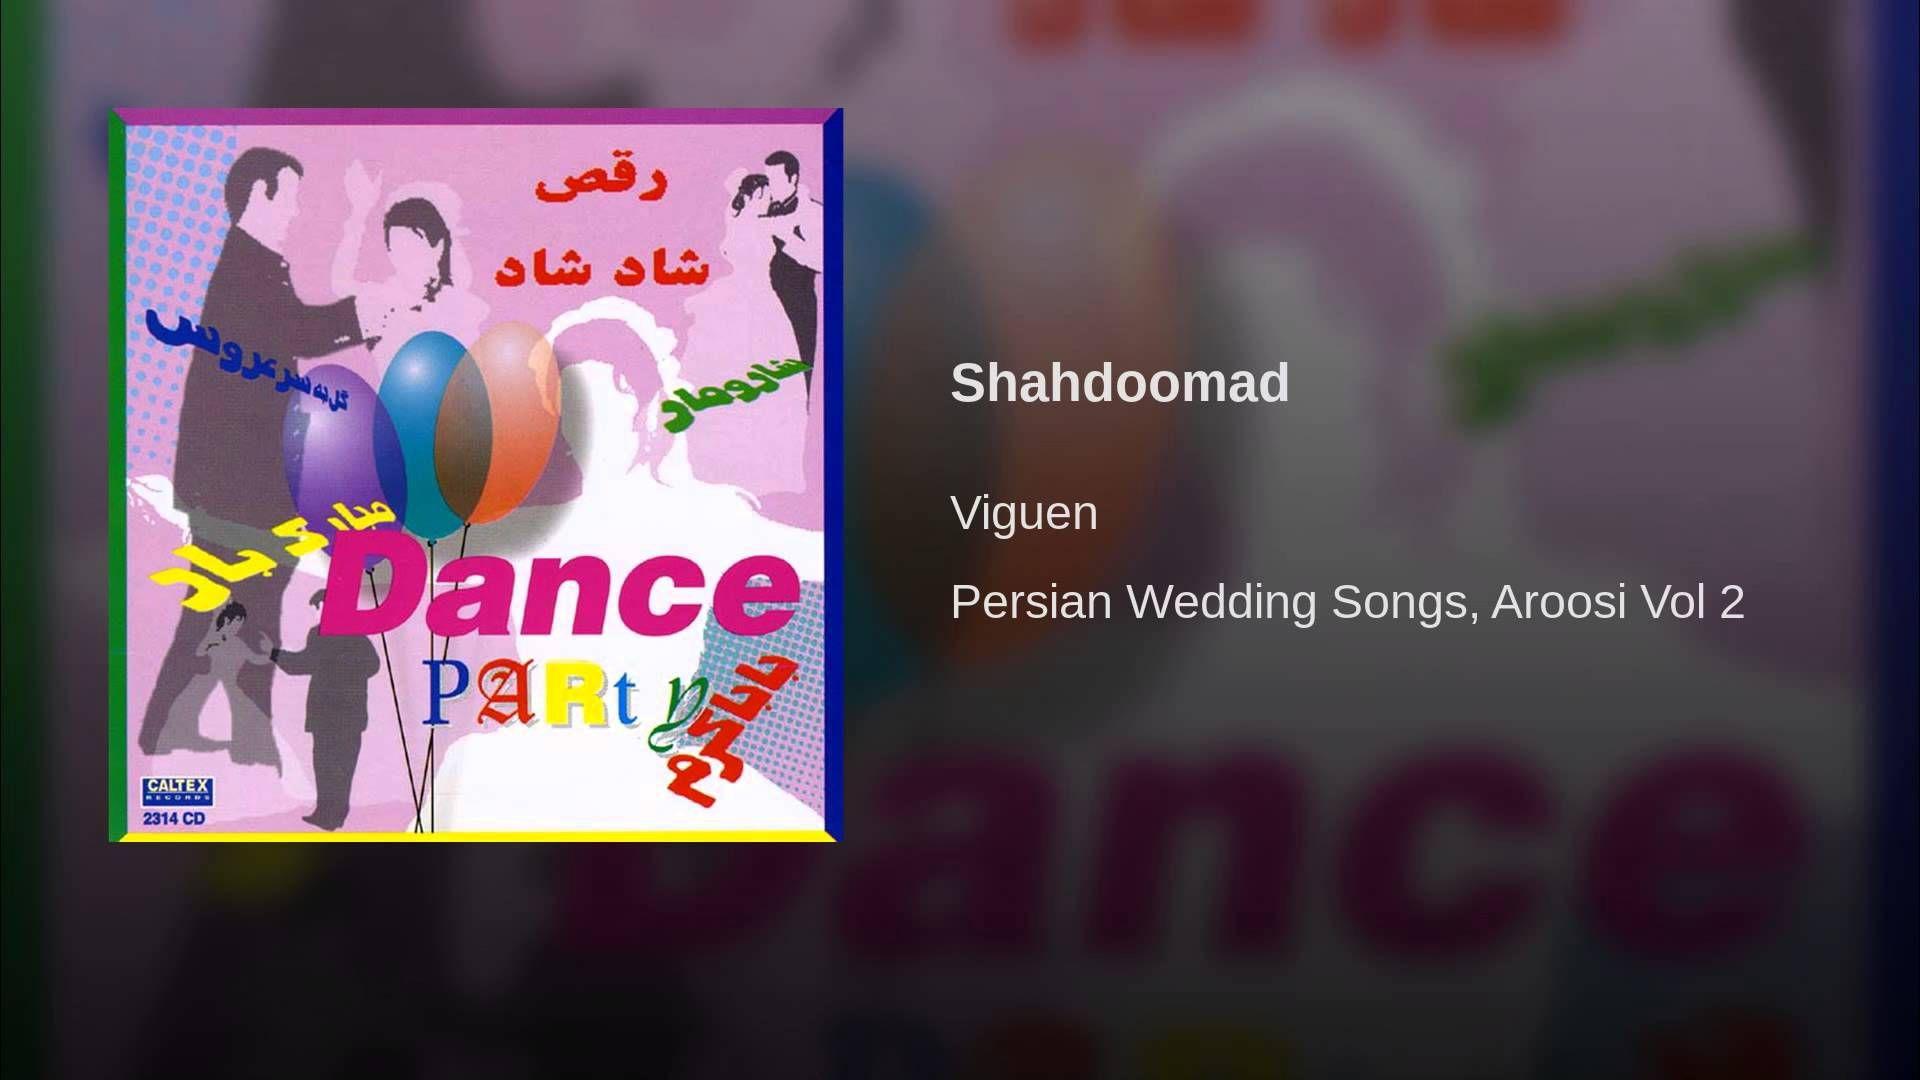 Shahdoomad